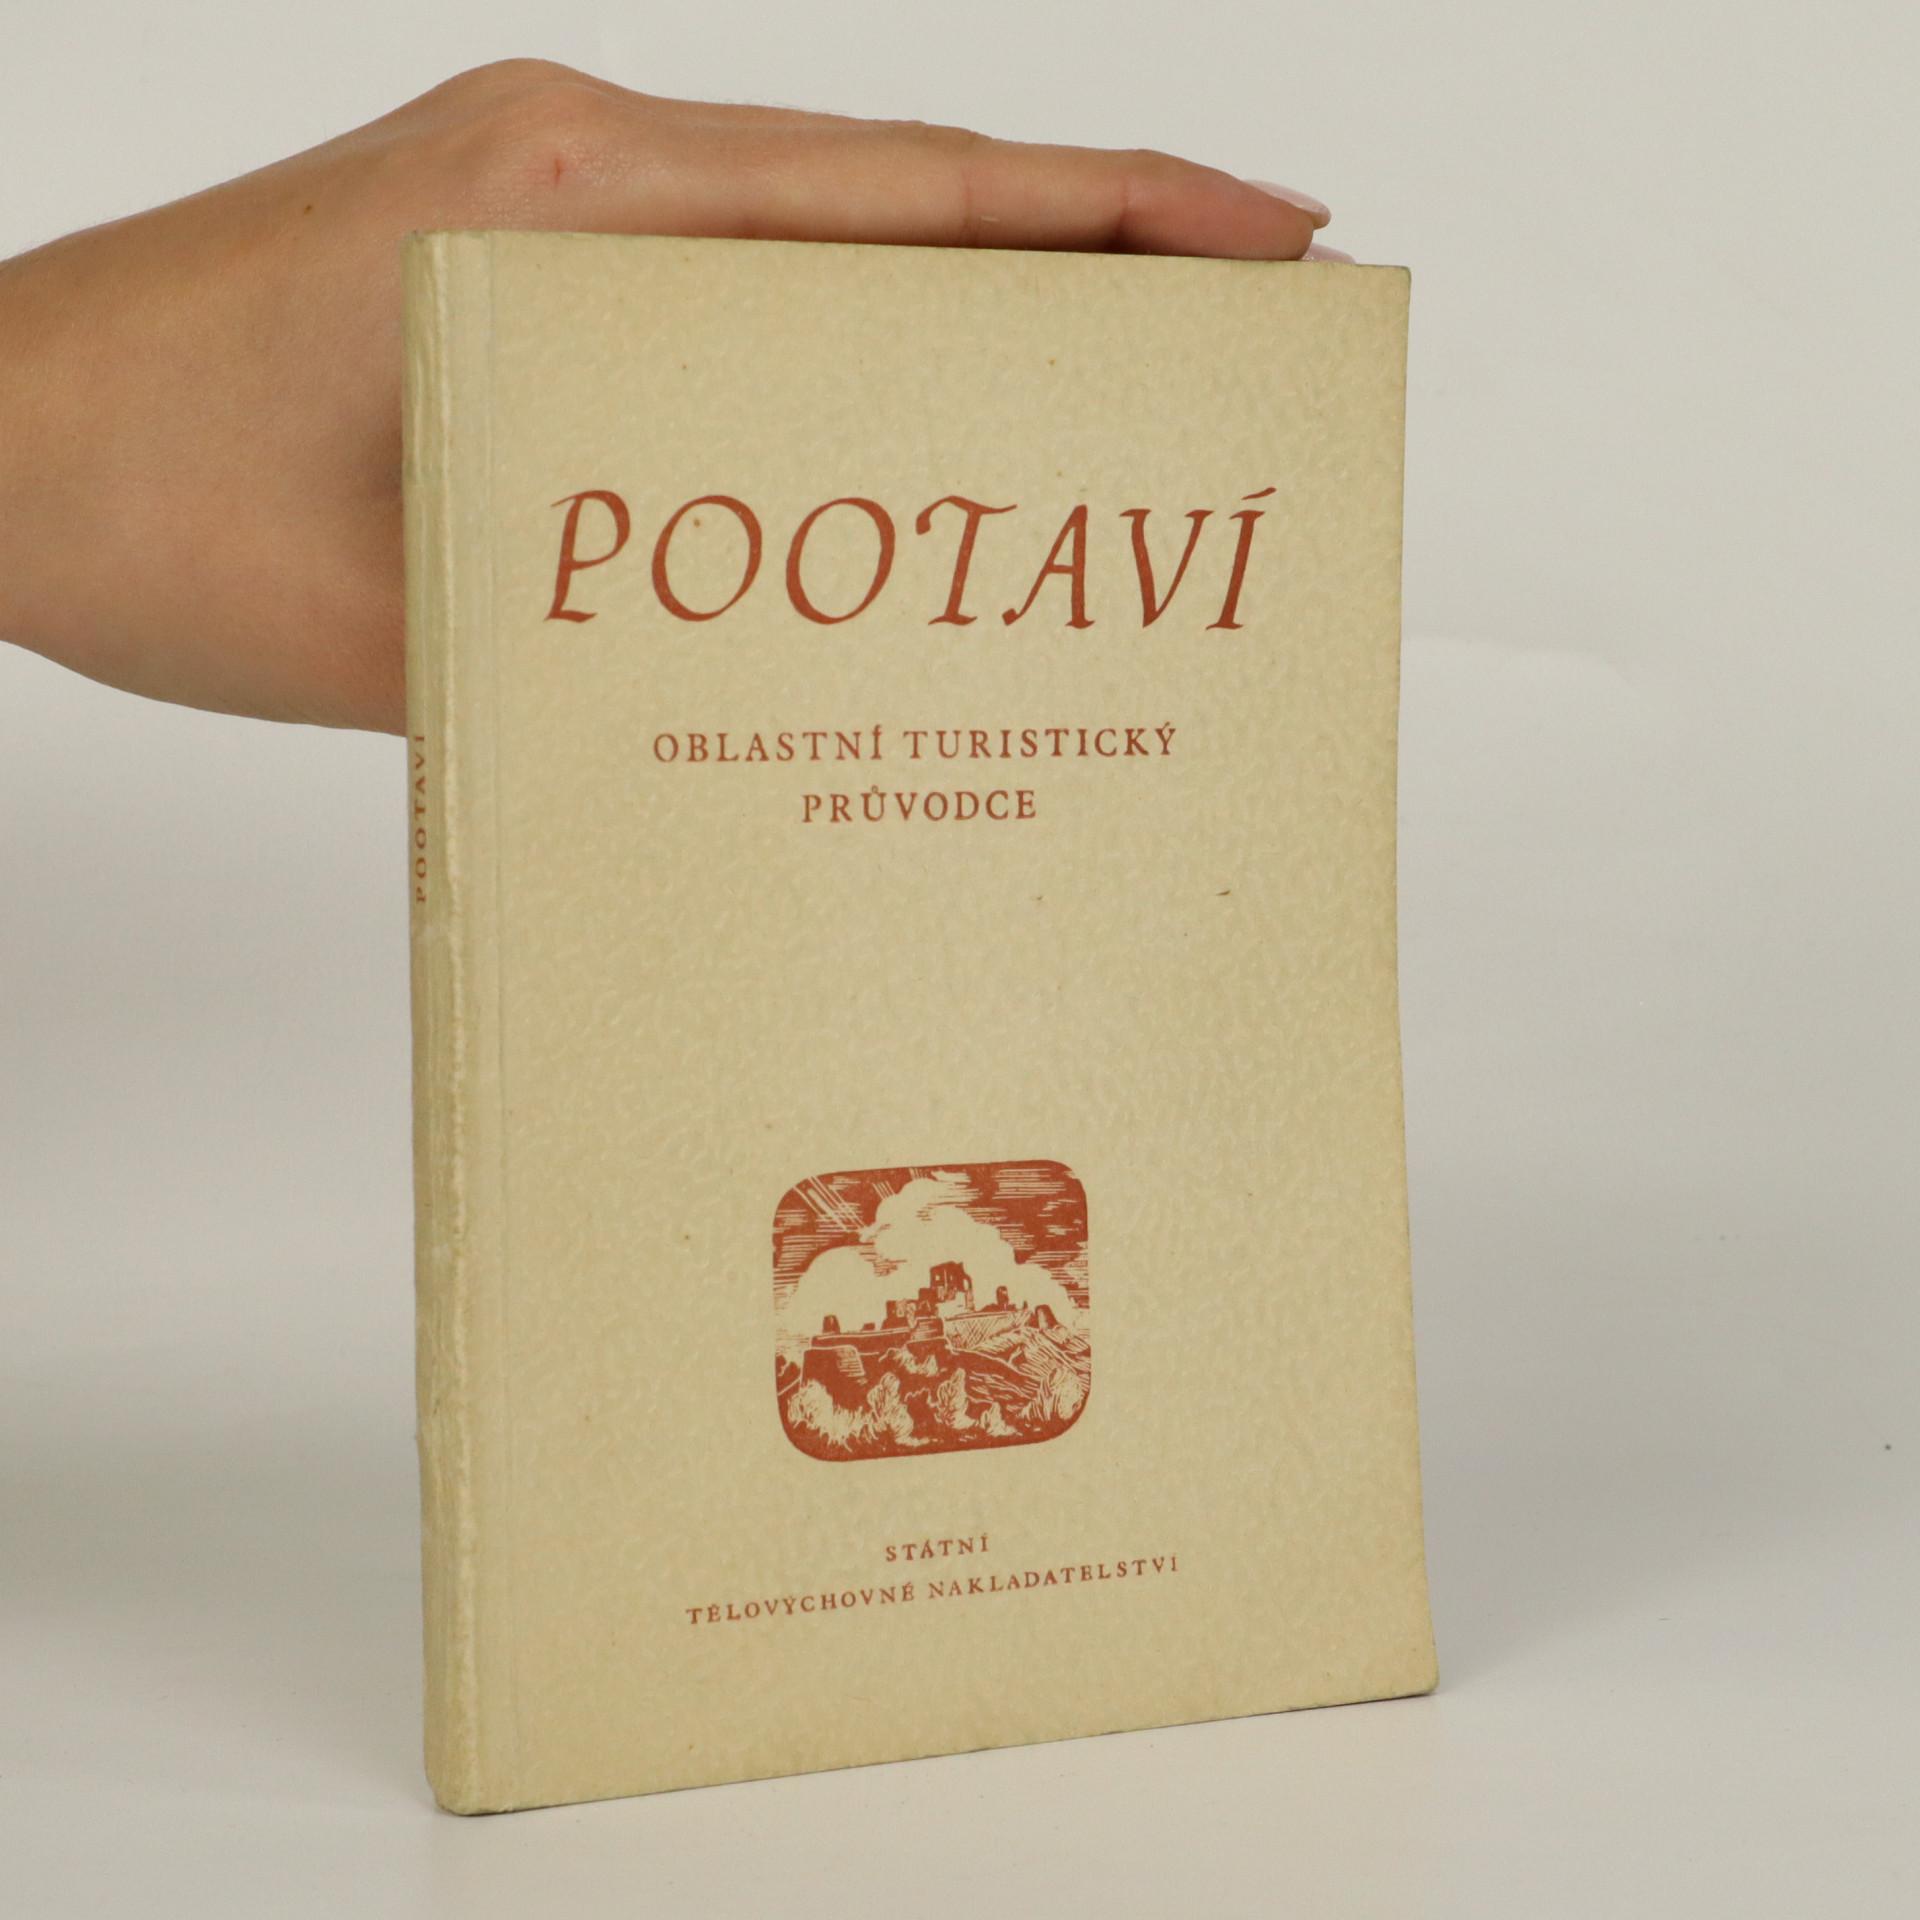 antikvární kniha Pootaví - oblastní turistický průvodce, 1955